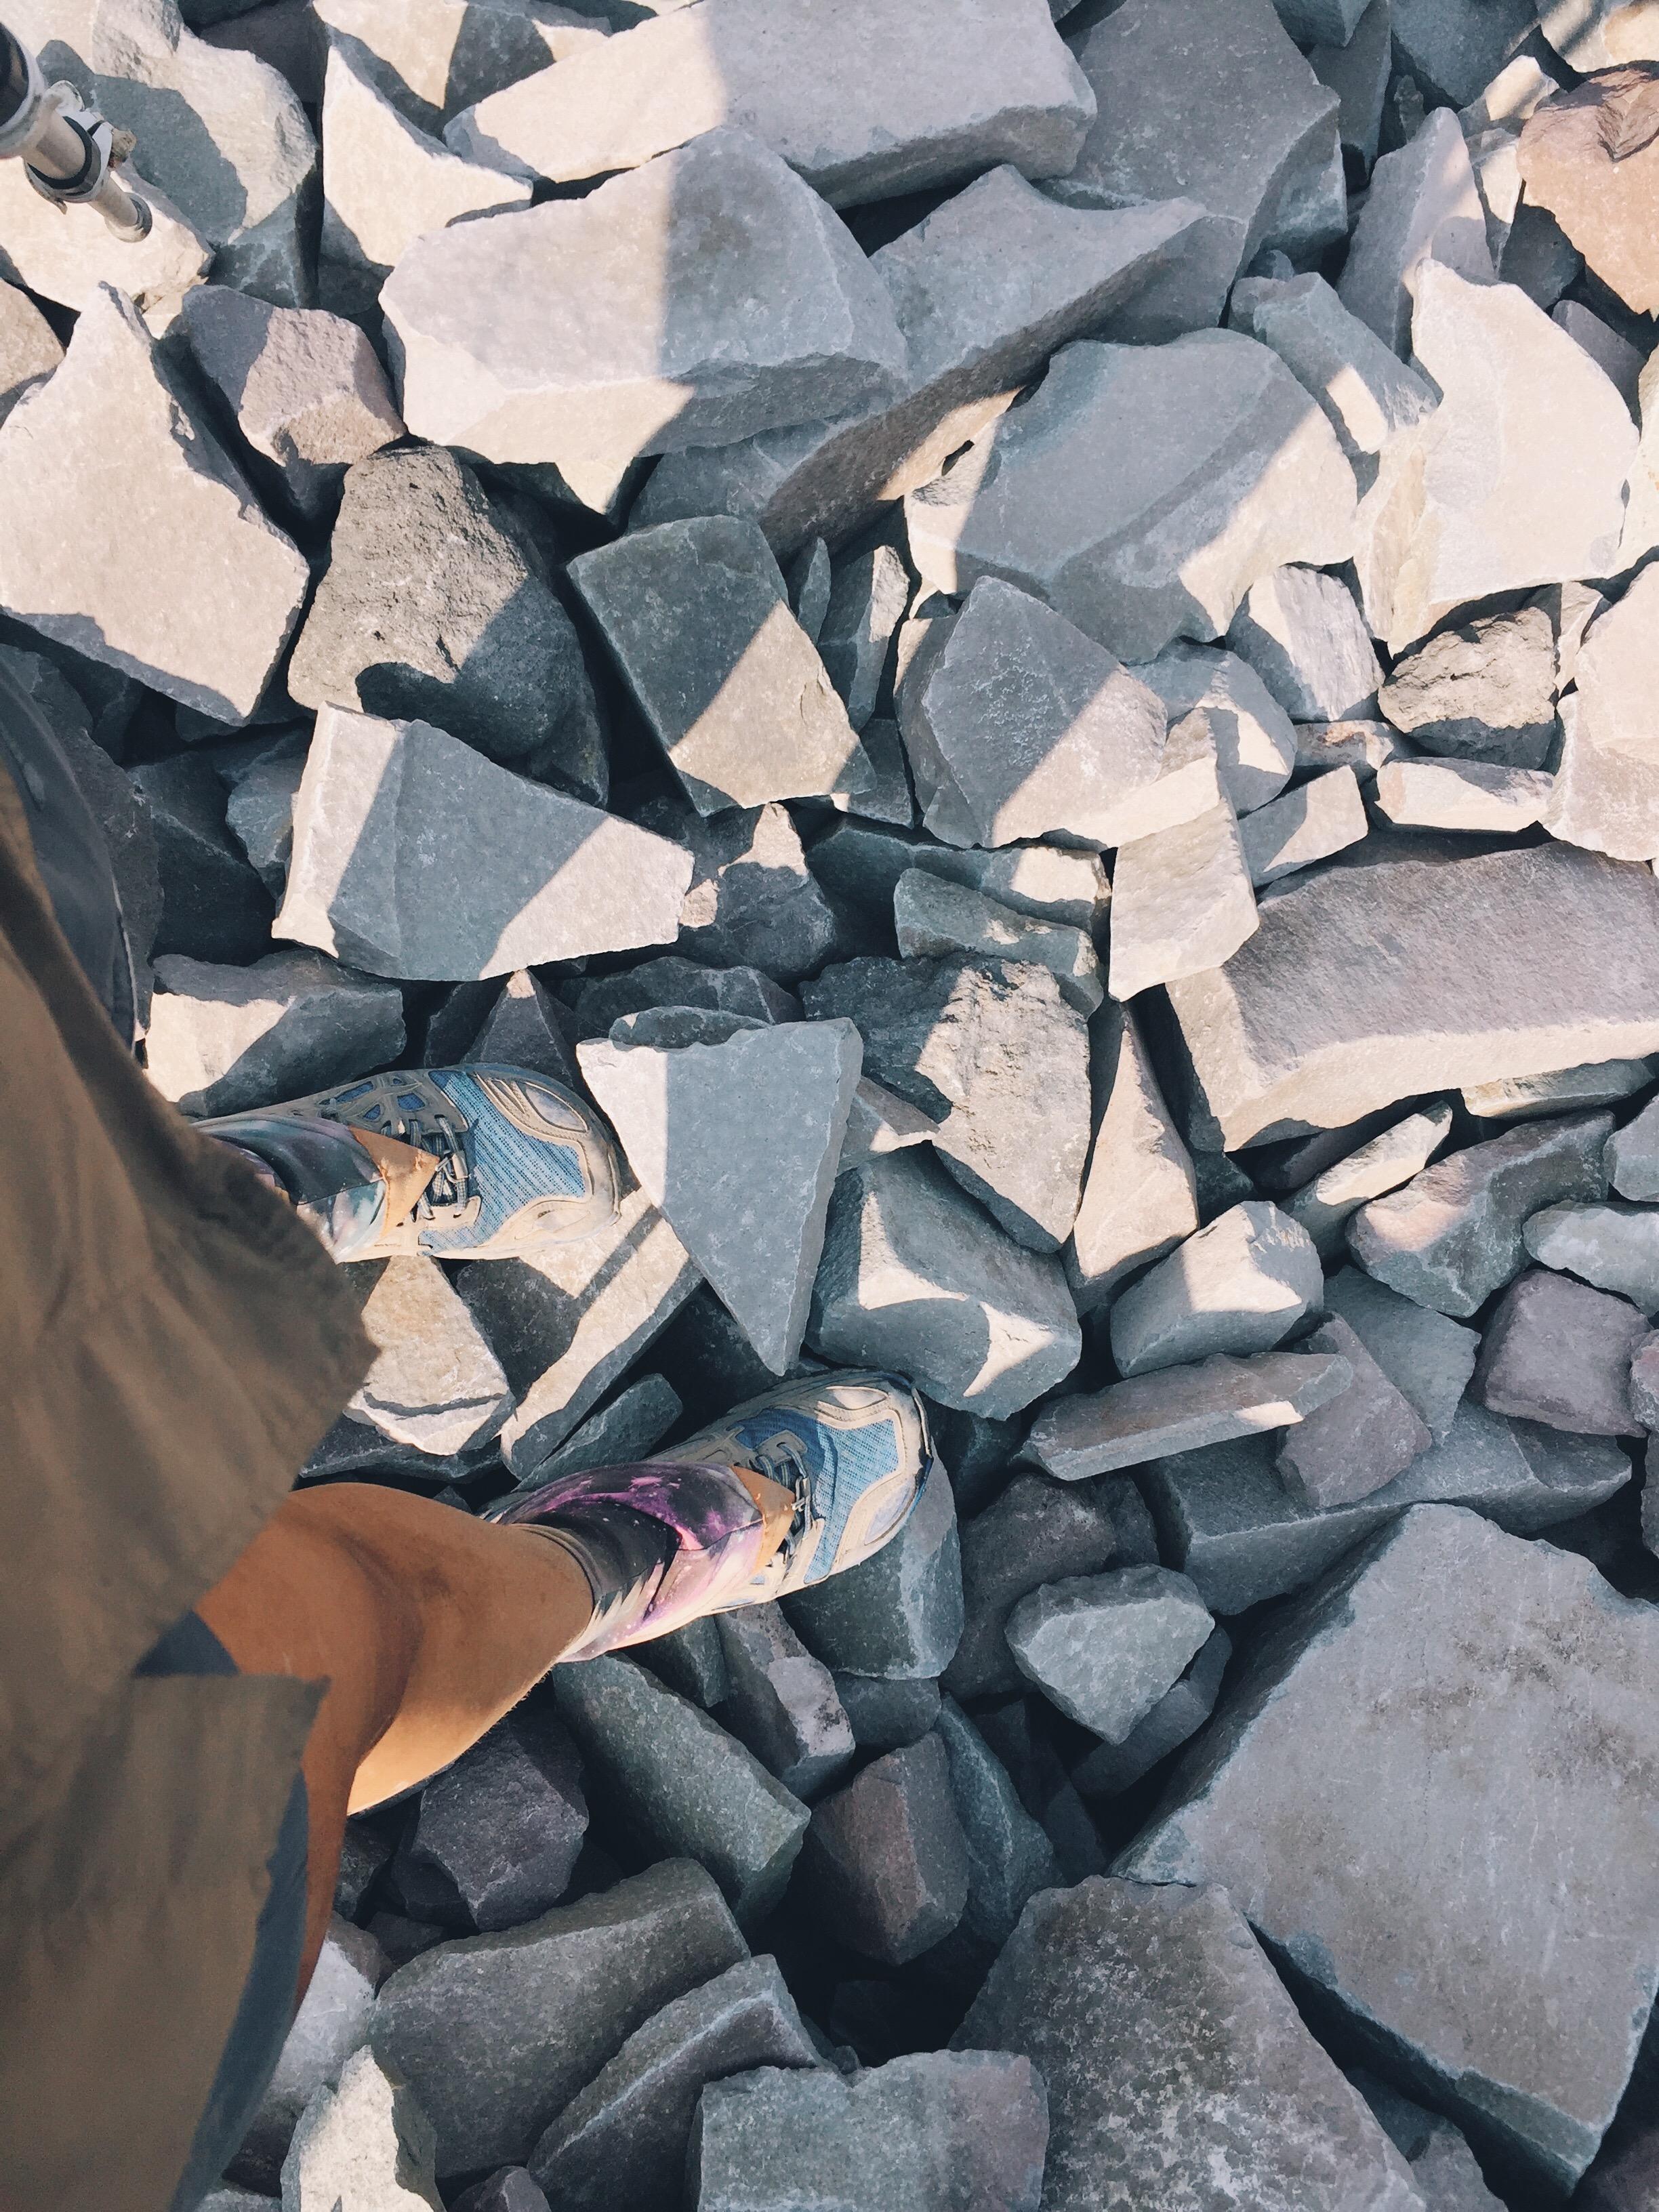 rocks shaped as goats